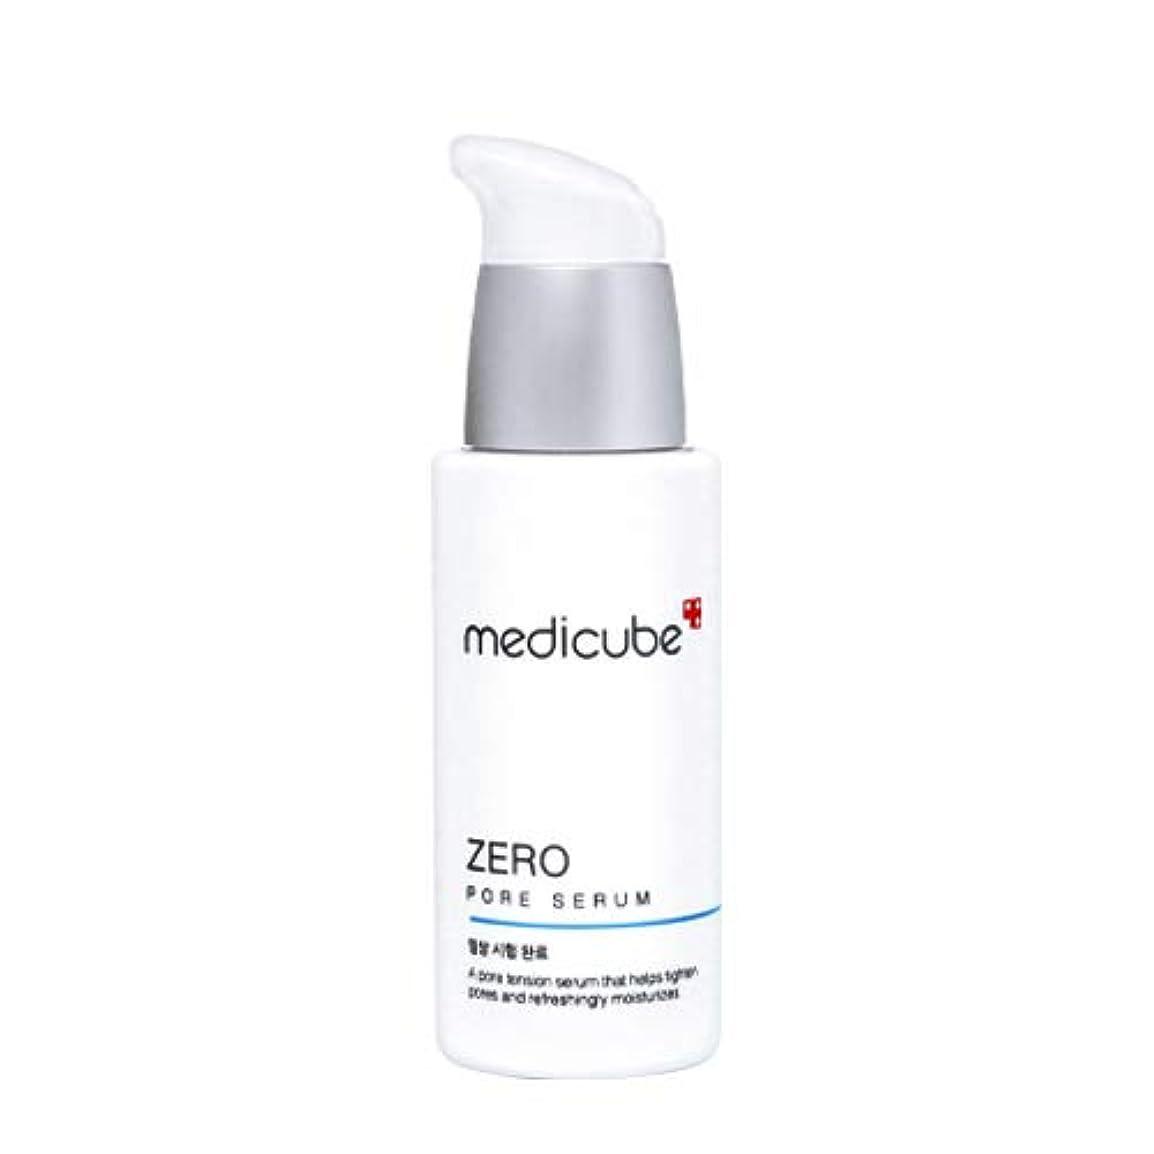 機械前置詞アリーナ[Medicube] Zero Pore Serum 27ml / [メディキューブ] ゼロ毛穴セラム27ml [並行輸入品]